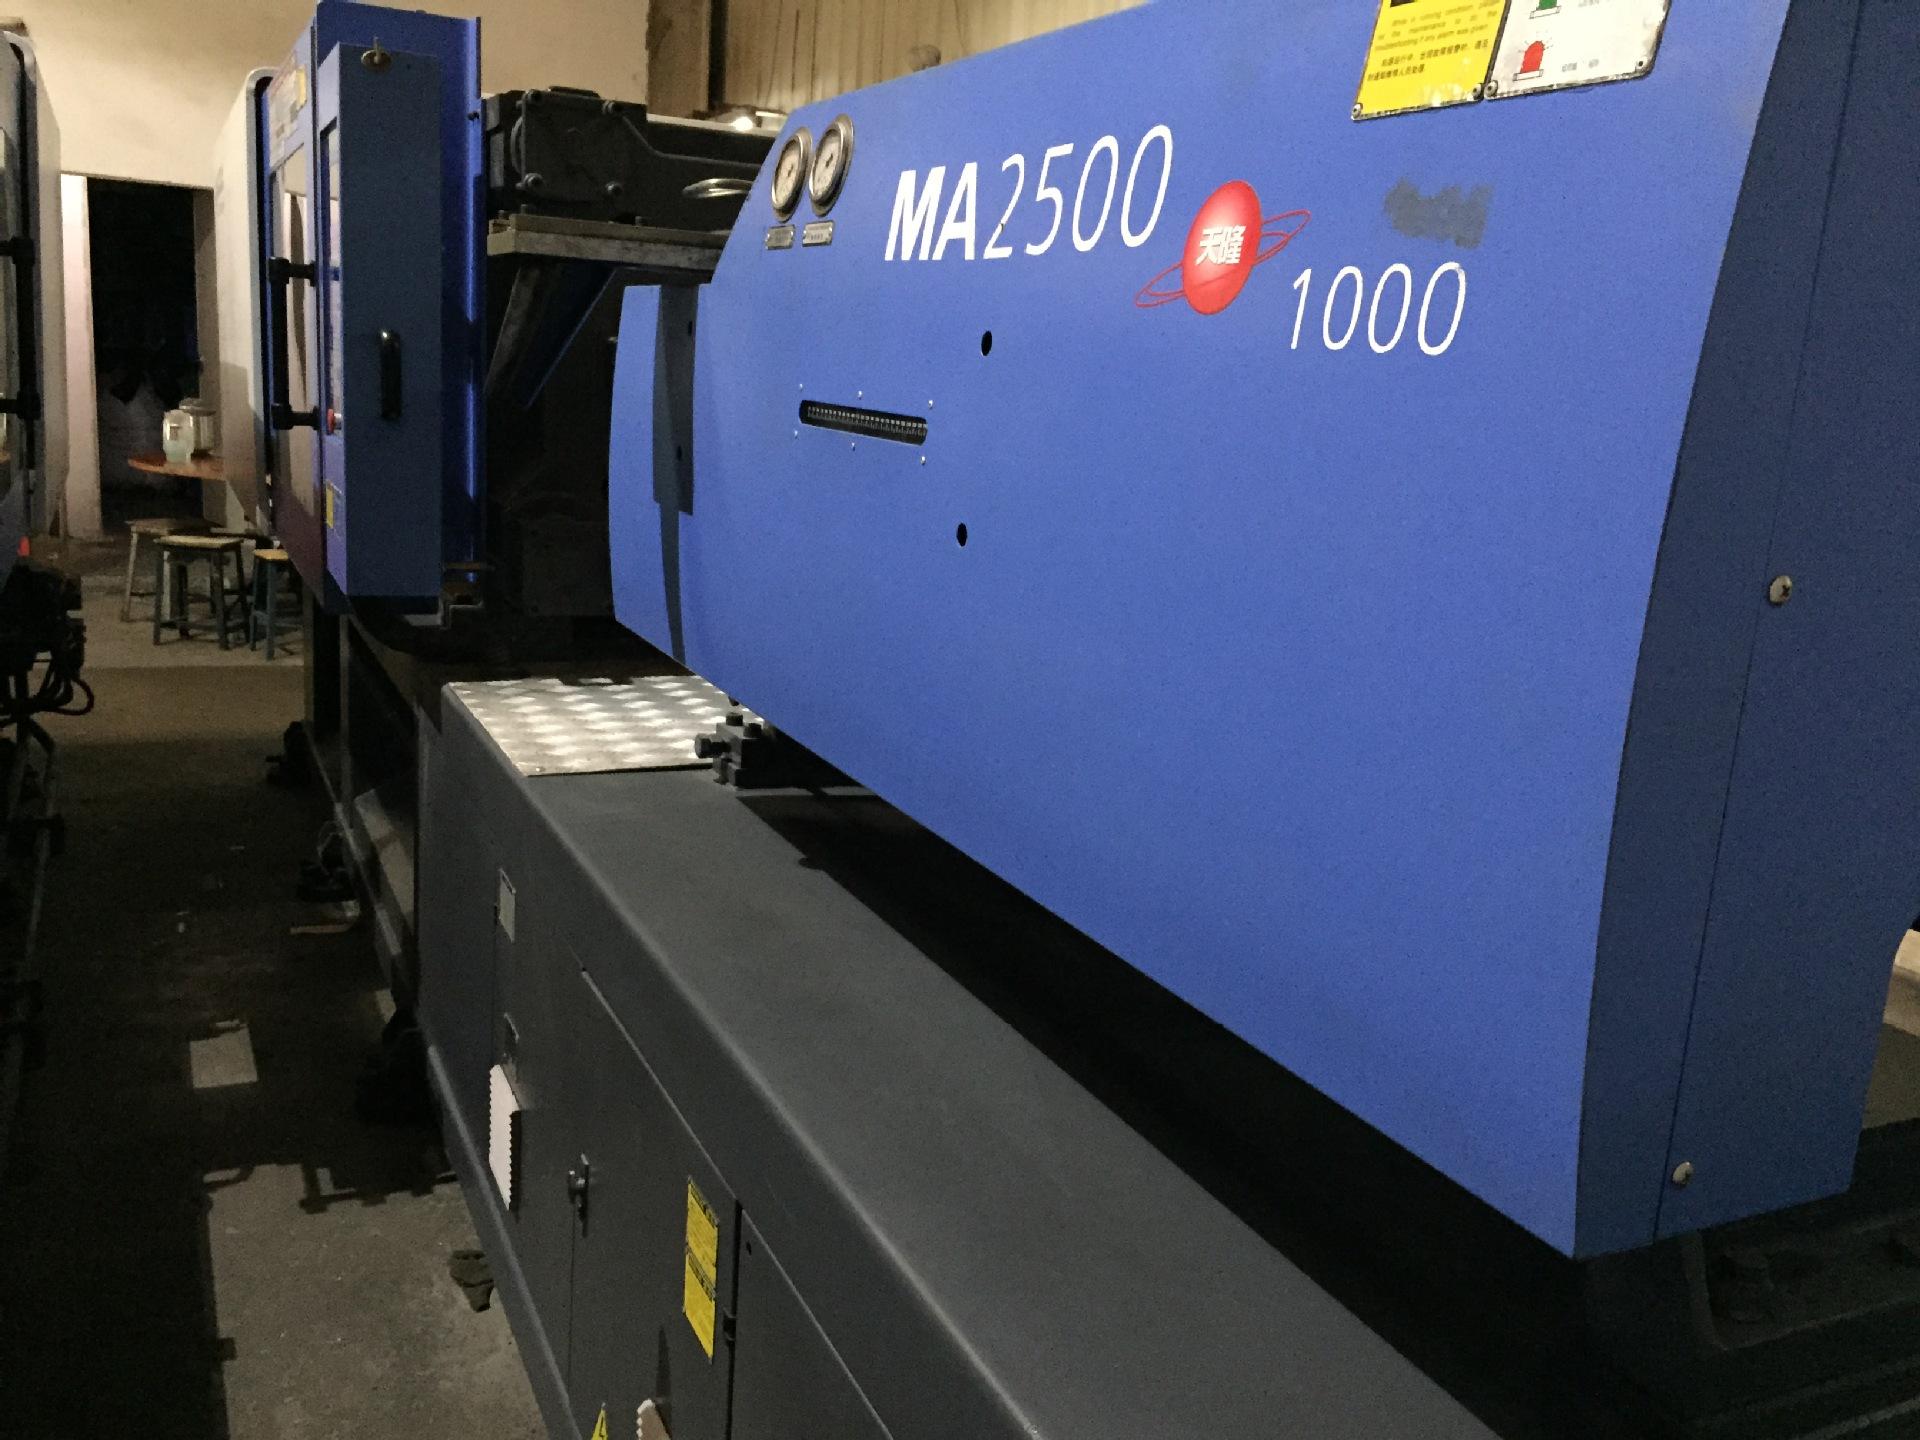 海天MA2500型1000G注塑机